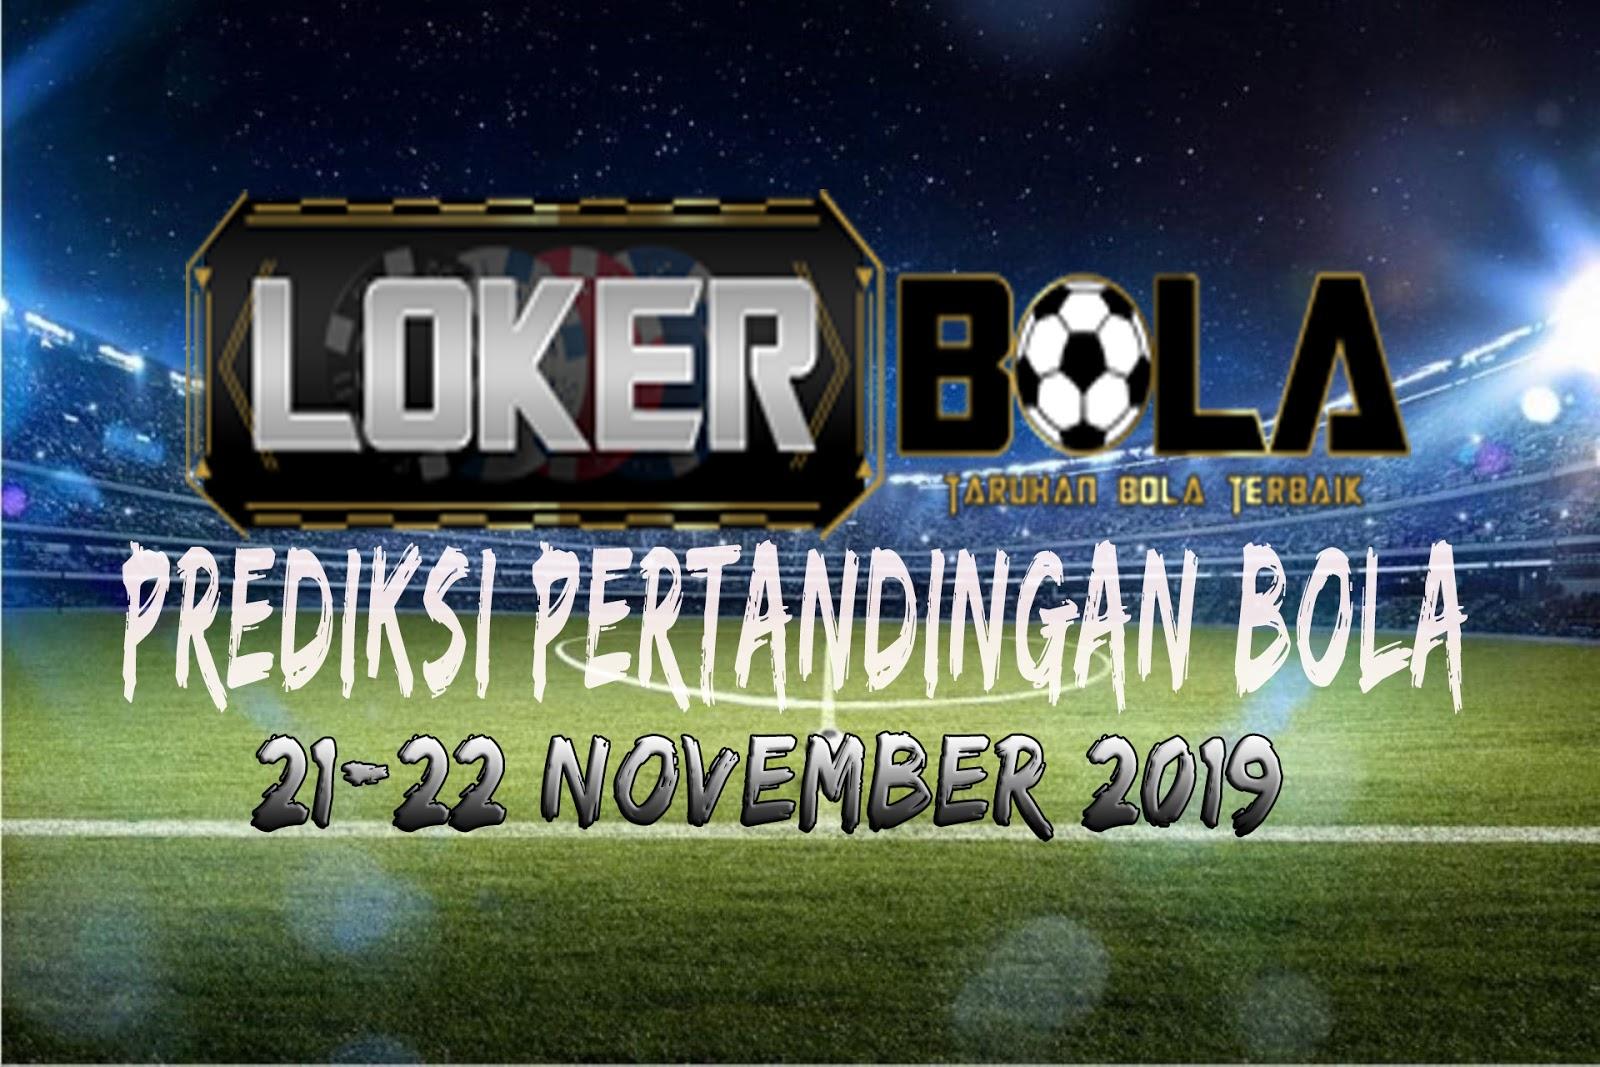 PREDIKSI PERTANDINGAN BOLA 21 – 22 NOVEMBER 2019